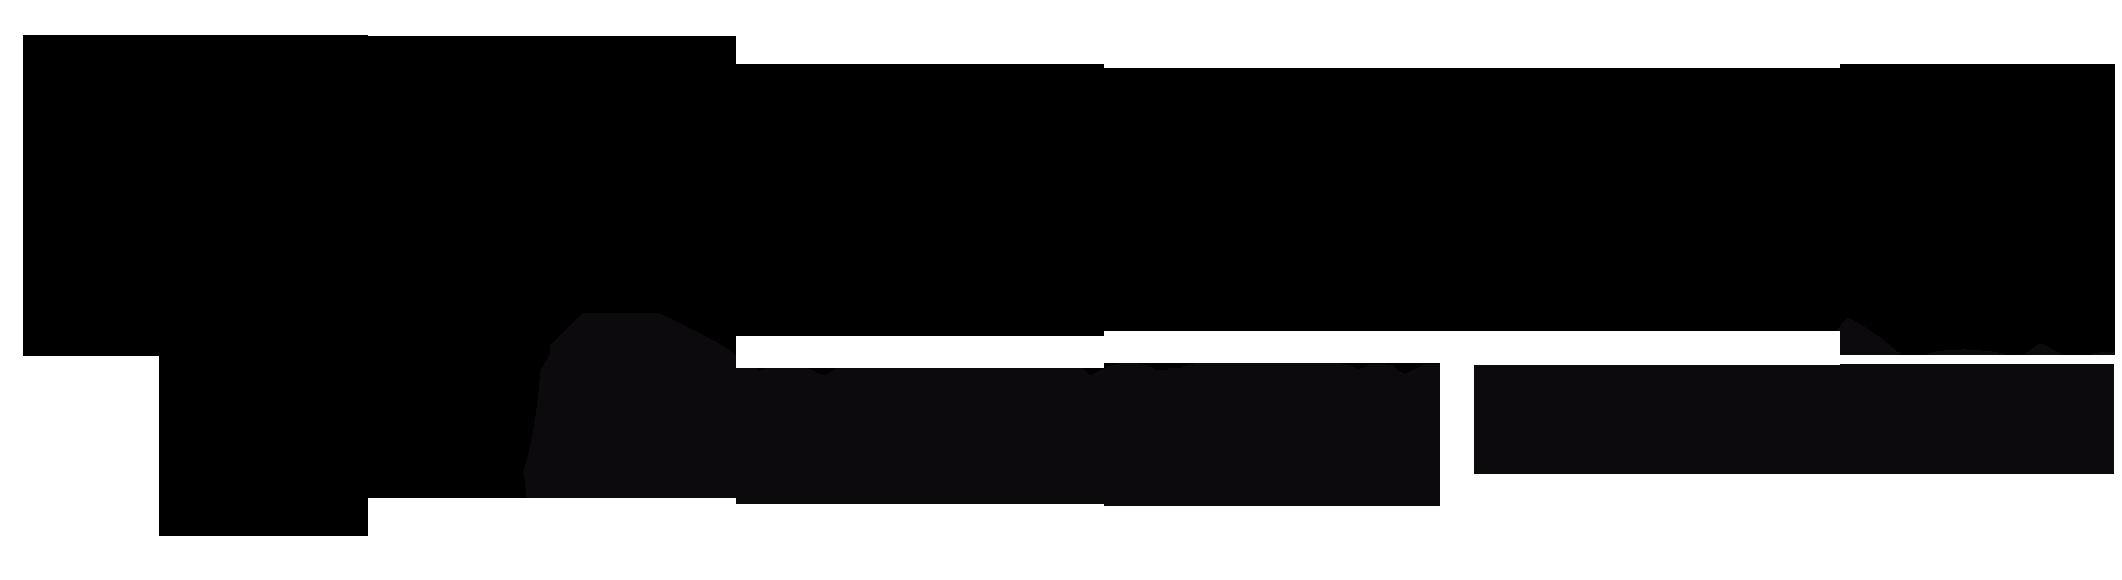 Carmiq_Tesloop_Blk_Logo.png